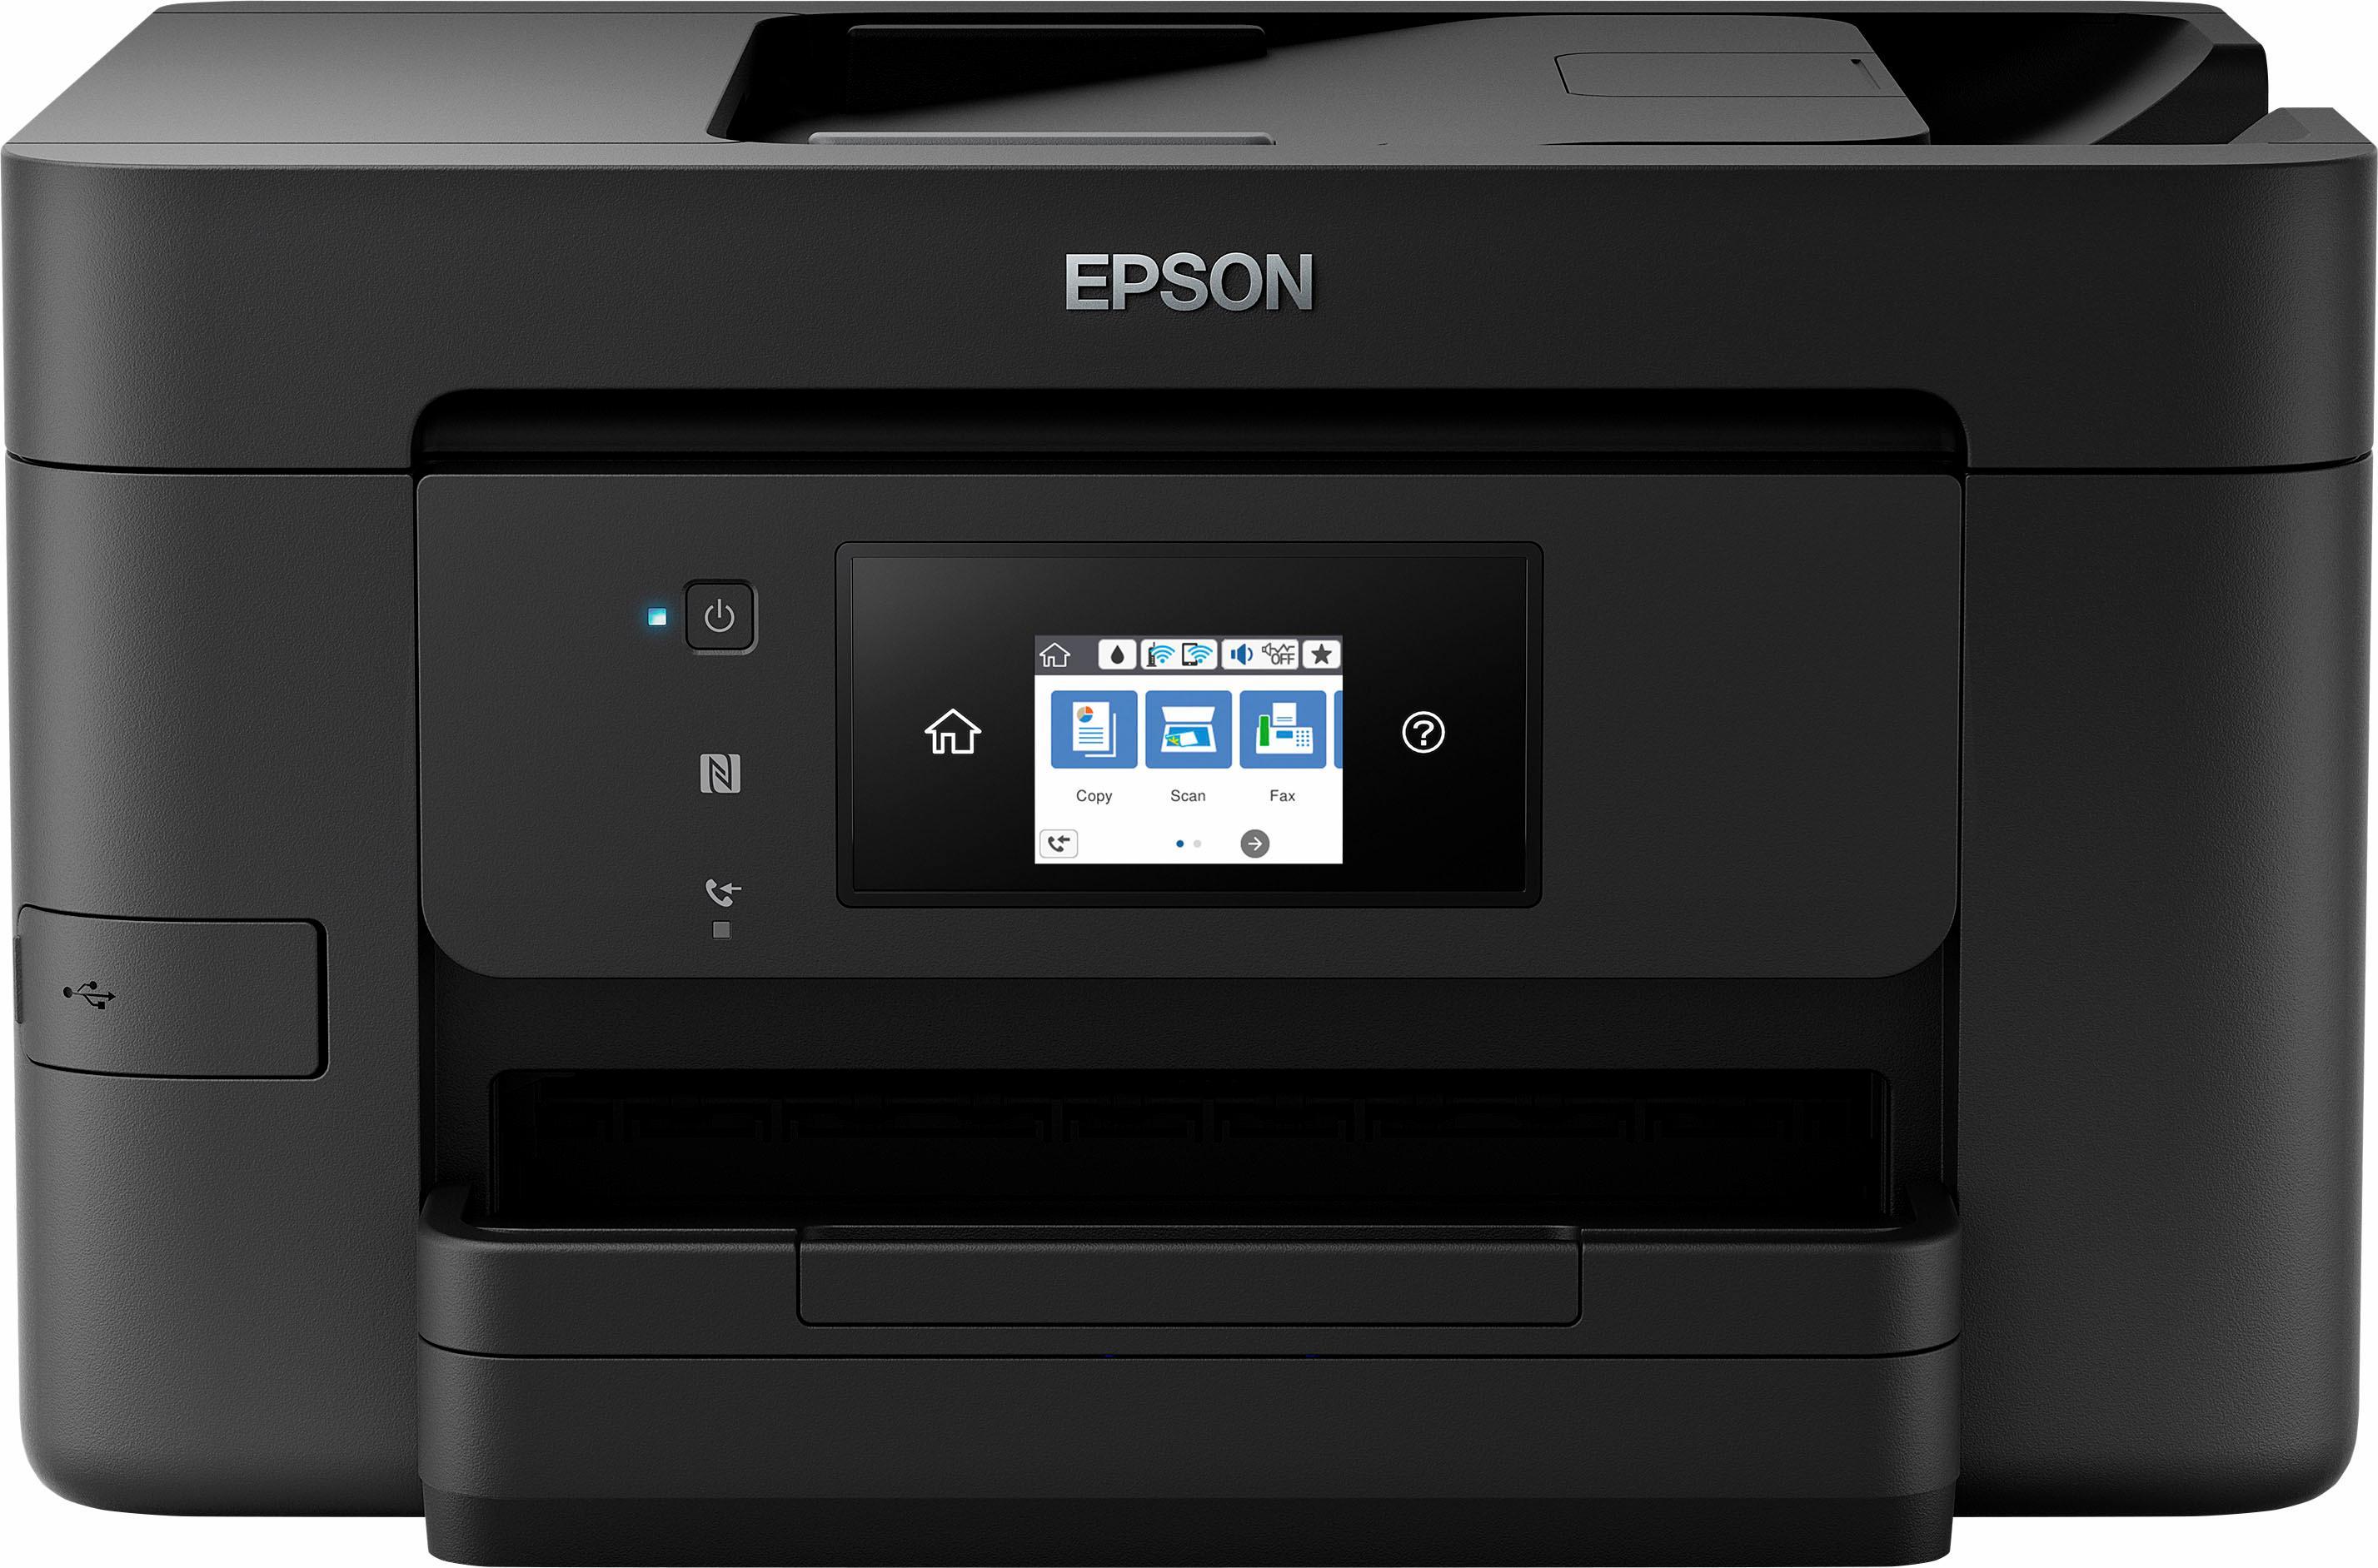 Epson »WorkForce Pro WF-4720DWF« Multifunktionsdrucker ...